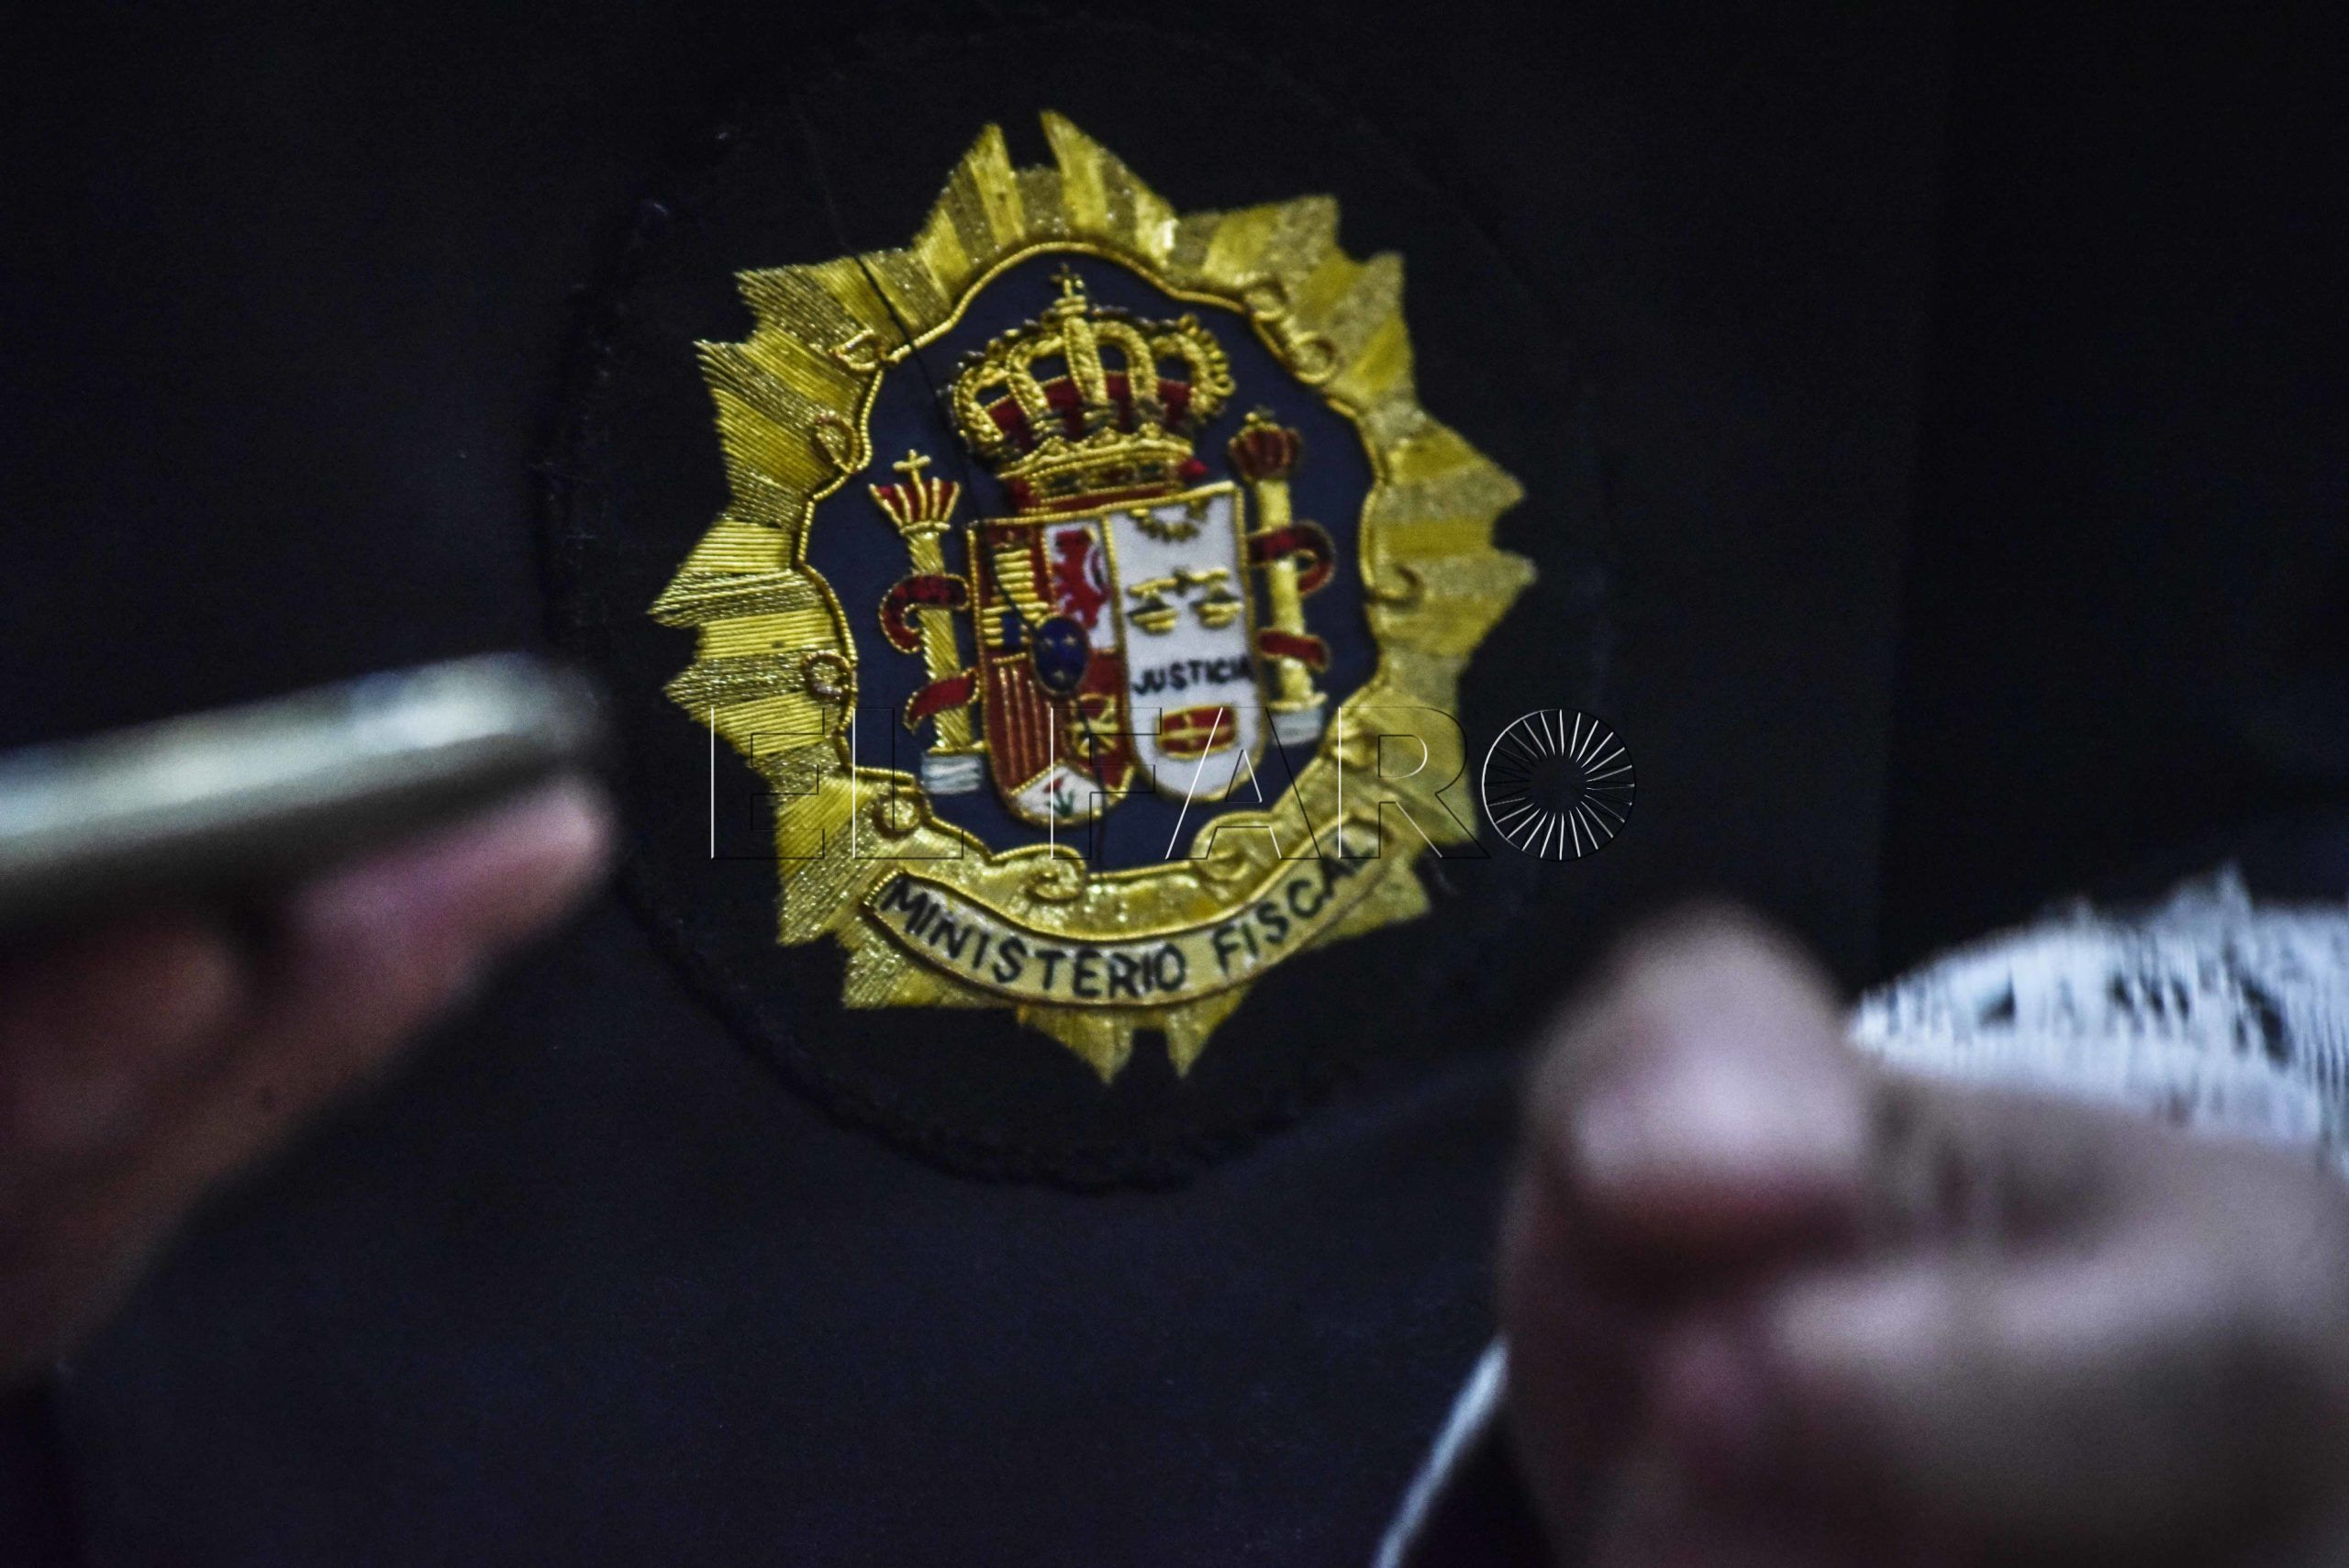 ministerio-fiscal-fiscalia-escudo